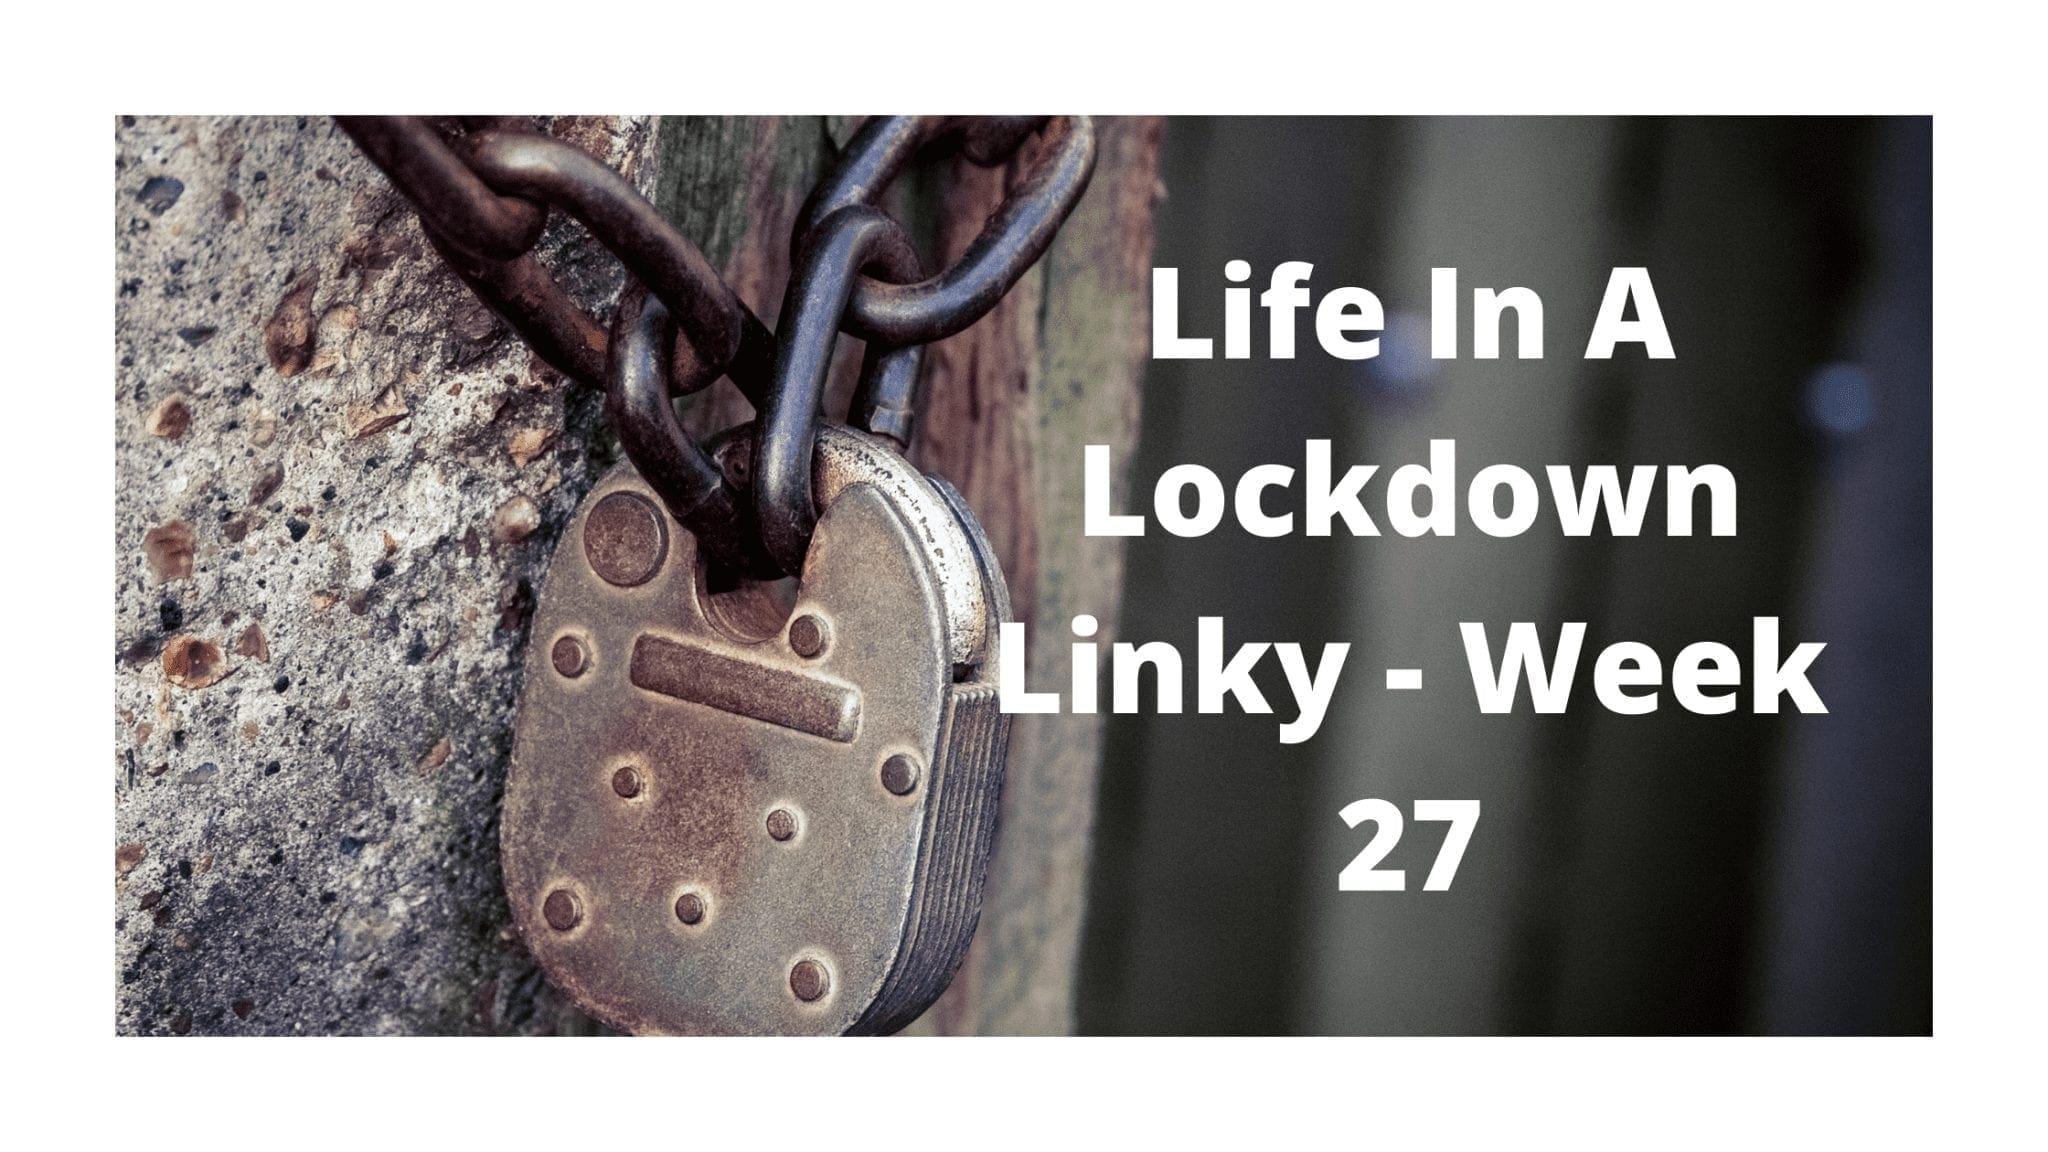 Life In A Lockdown Linky - Week 27